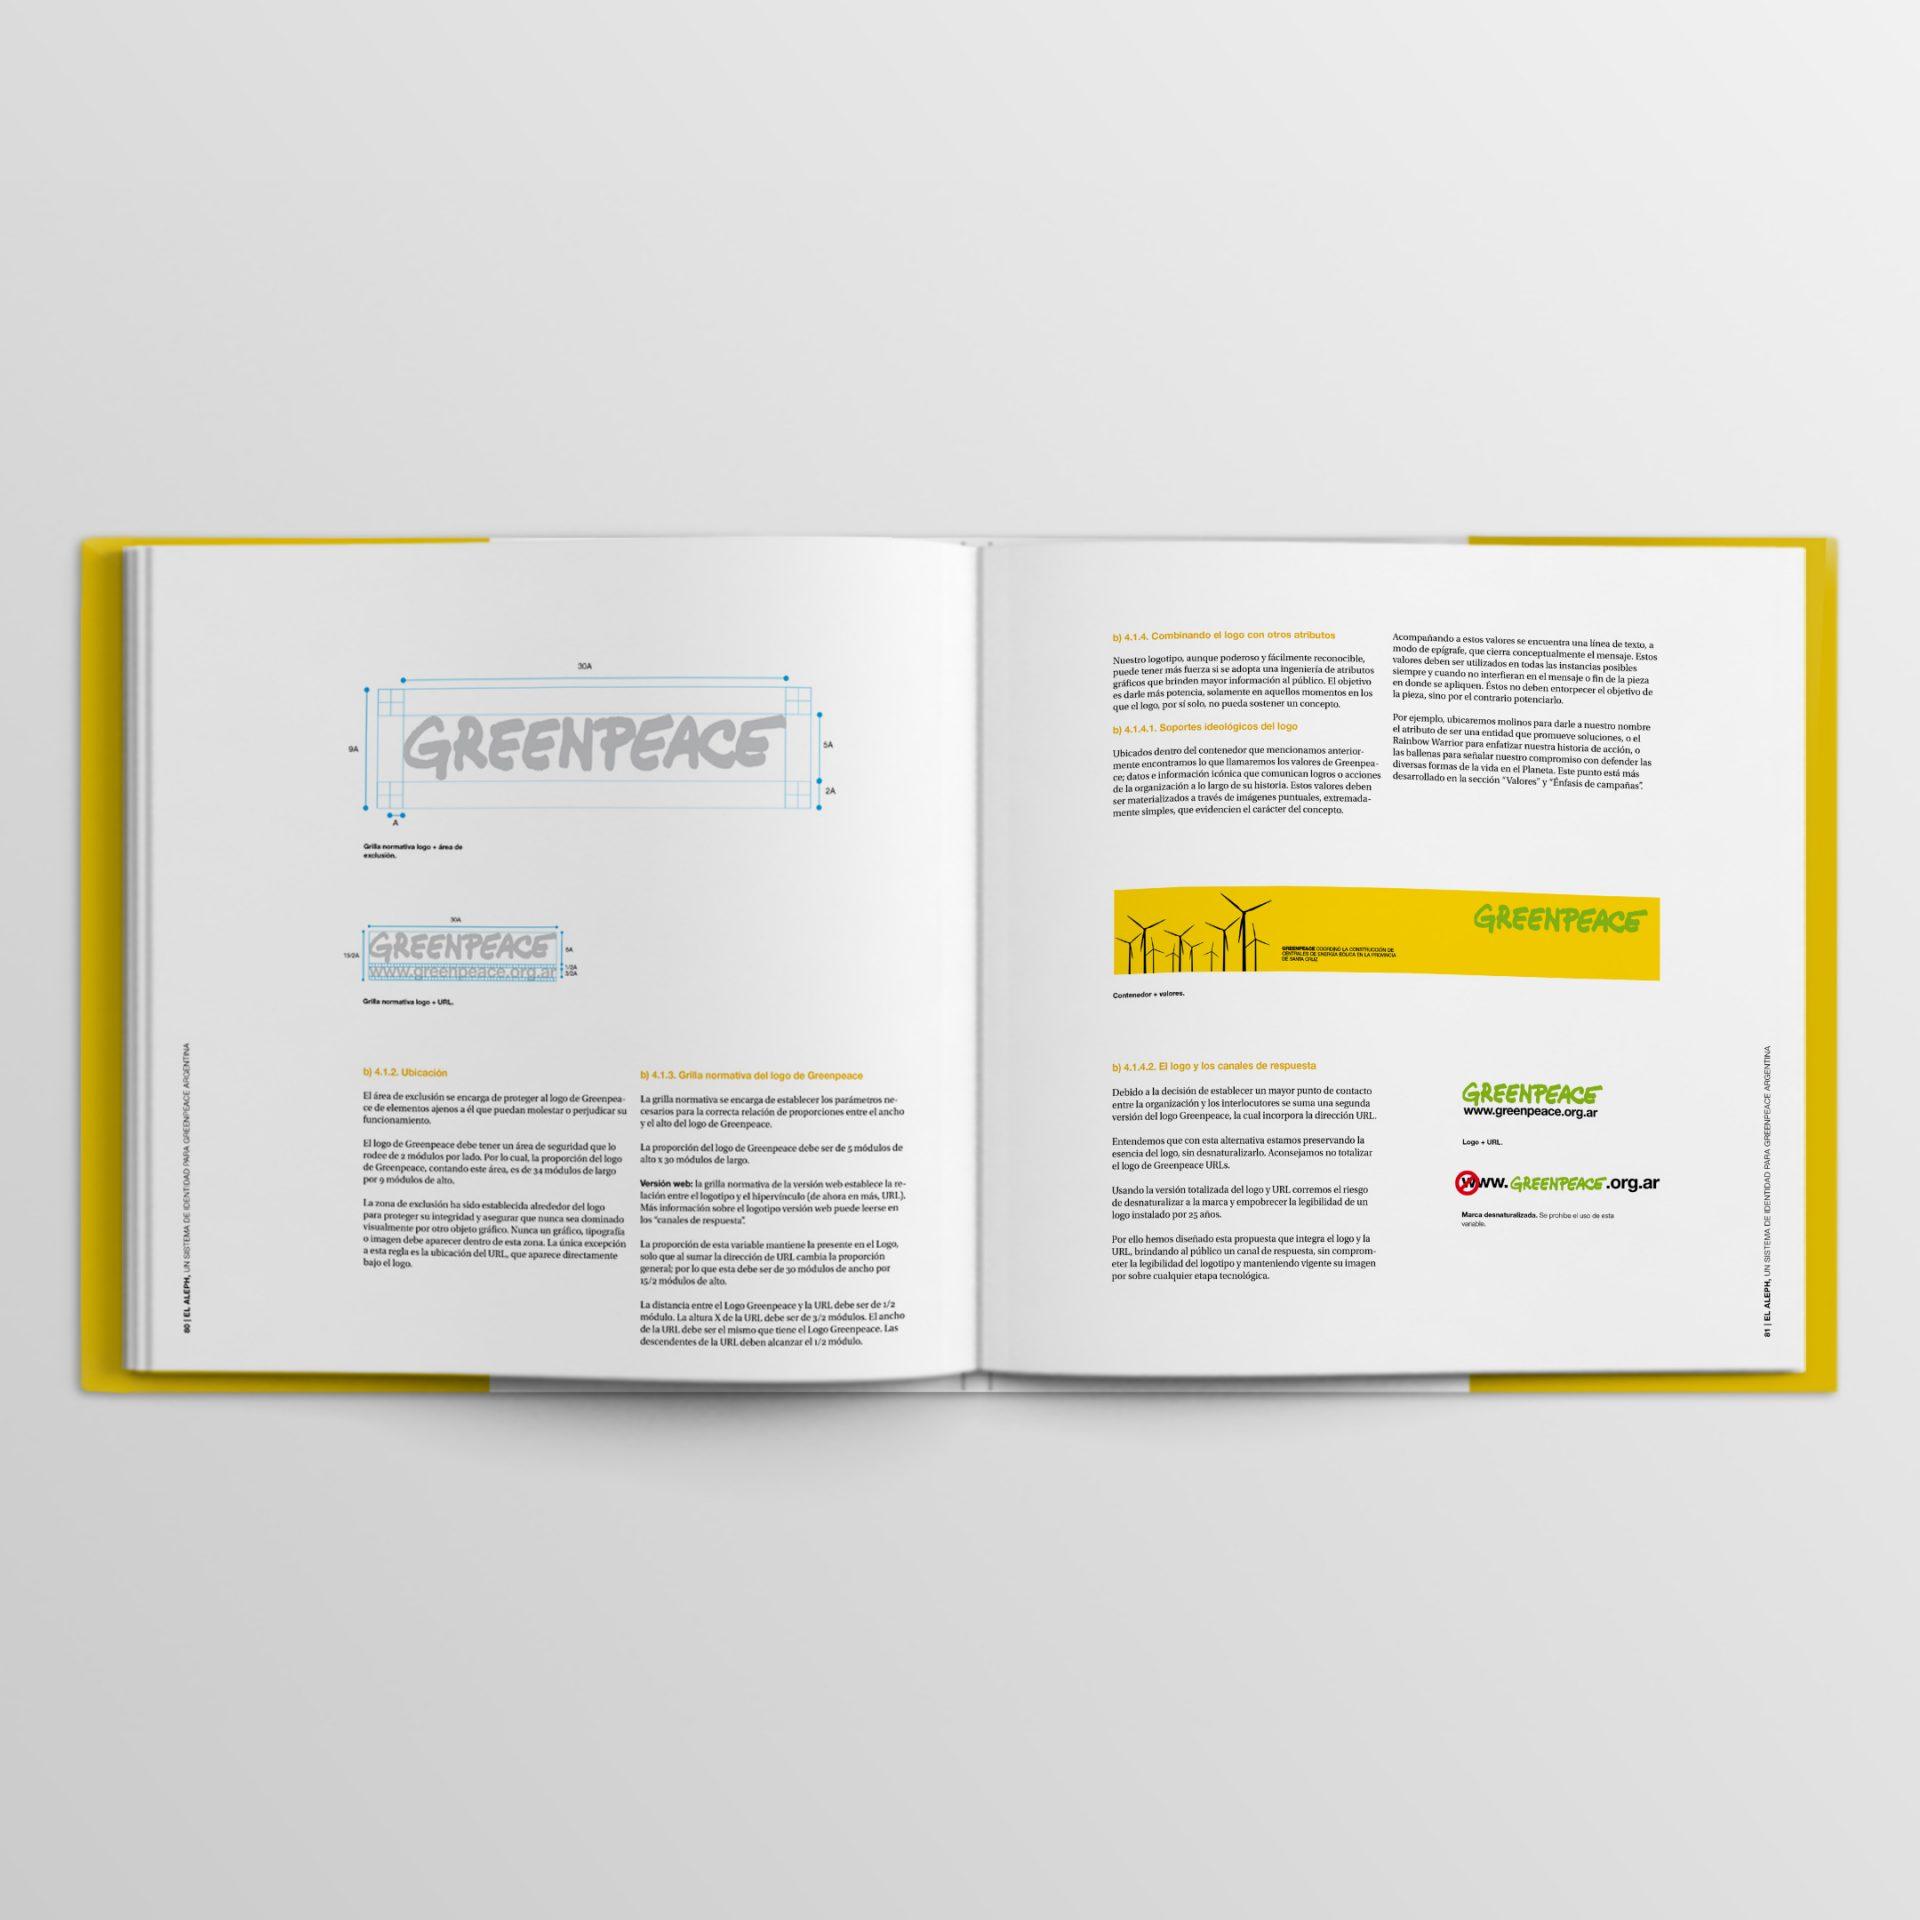 Greenpeace brandbook